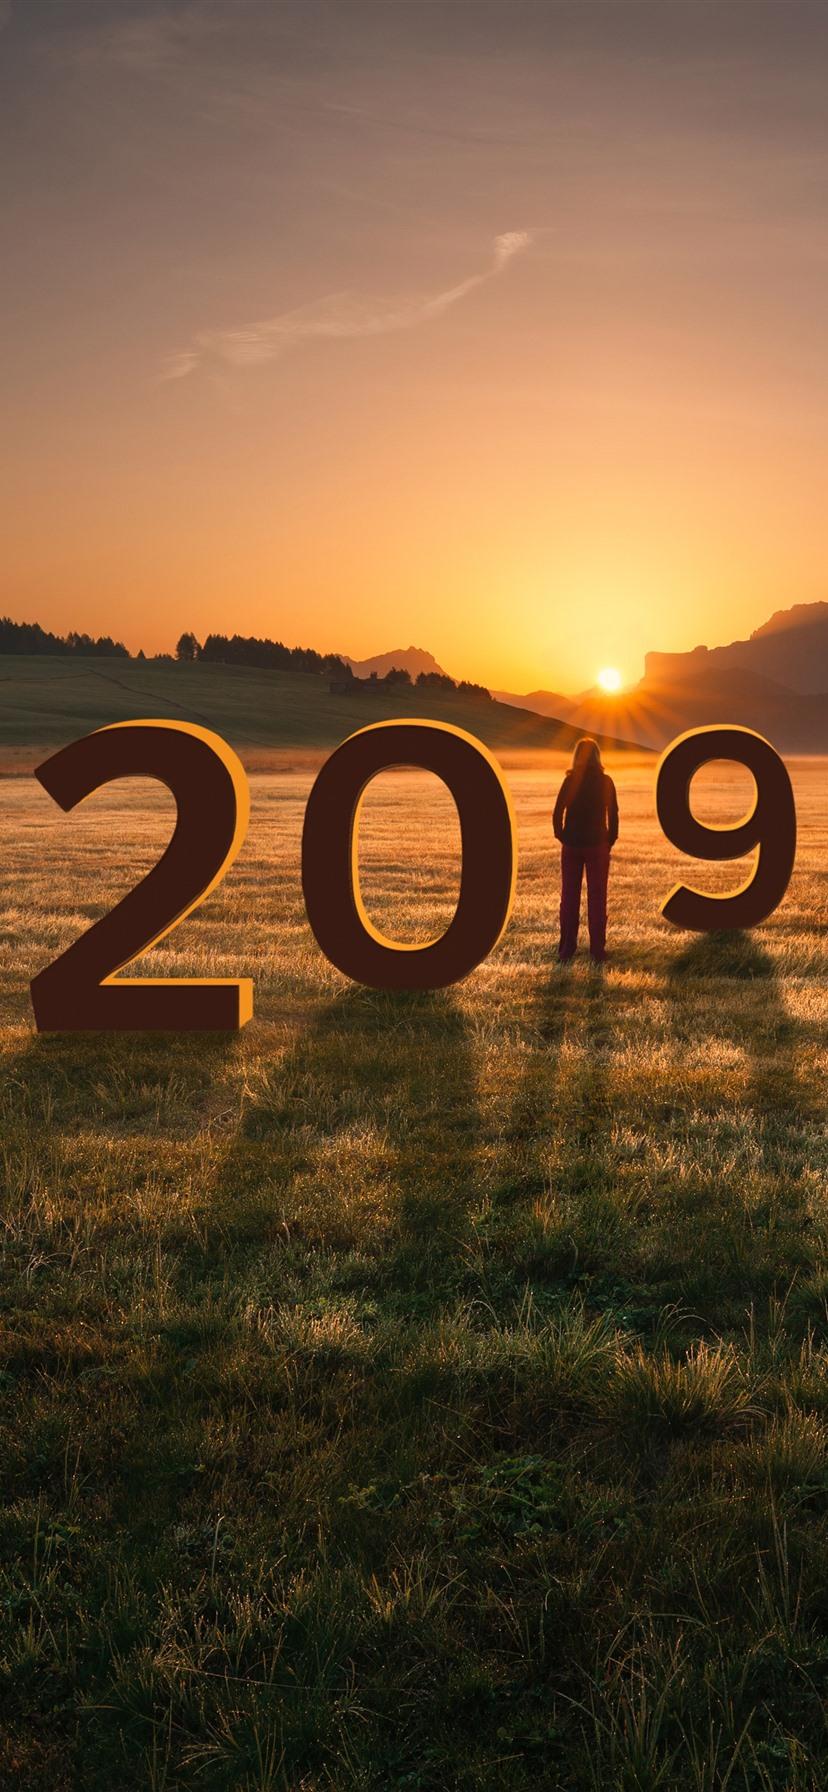 Wallpaper New Year 2019 Grass Girl Mountains Sunset